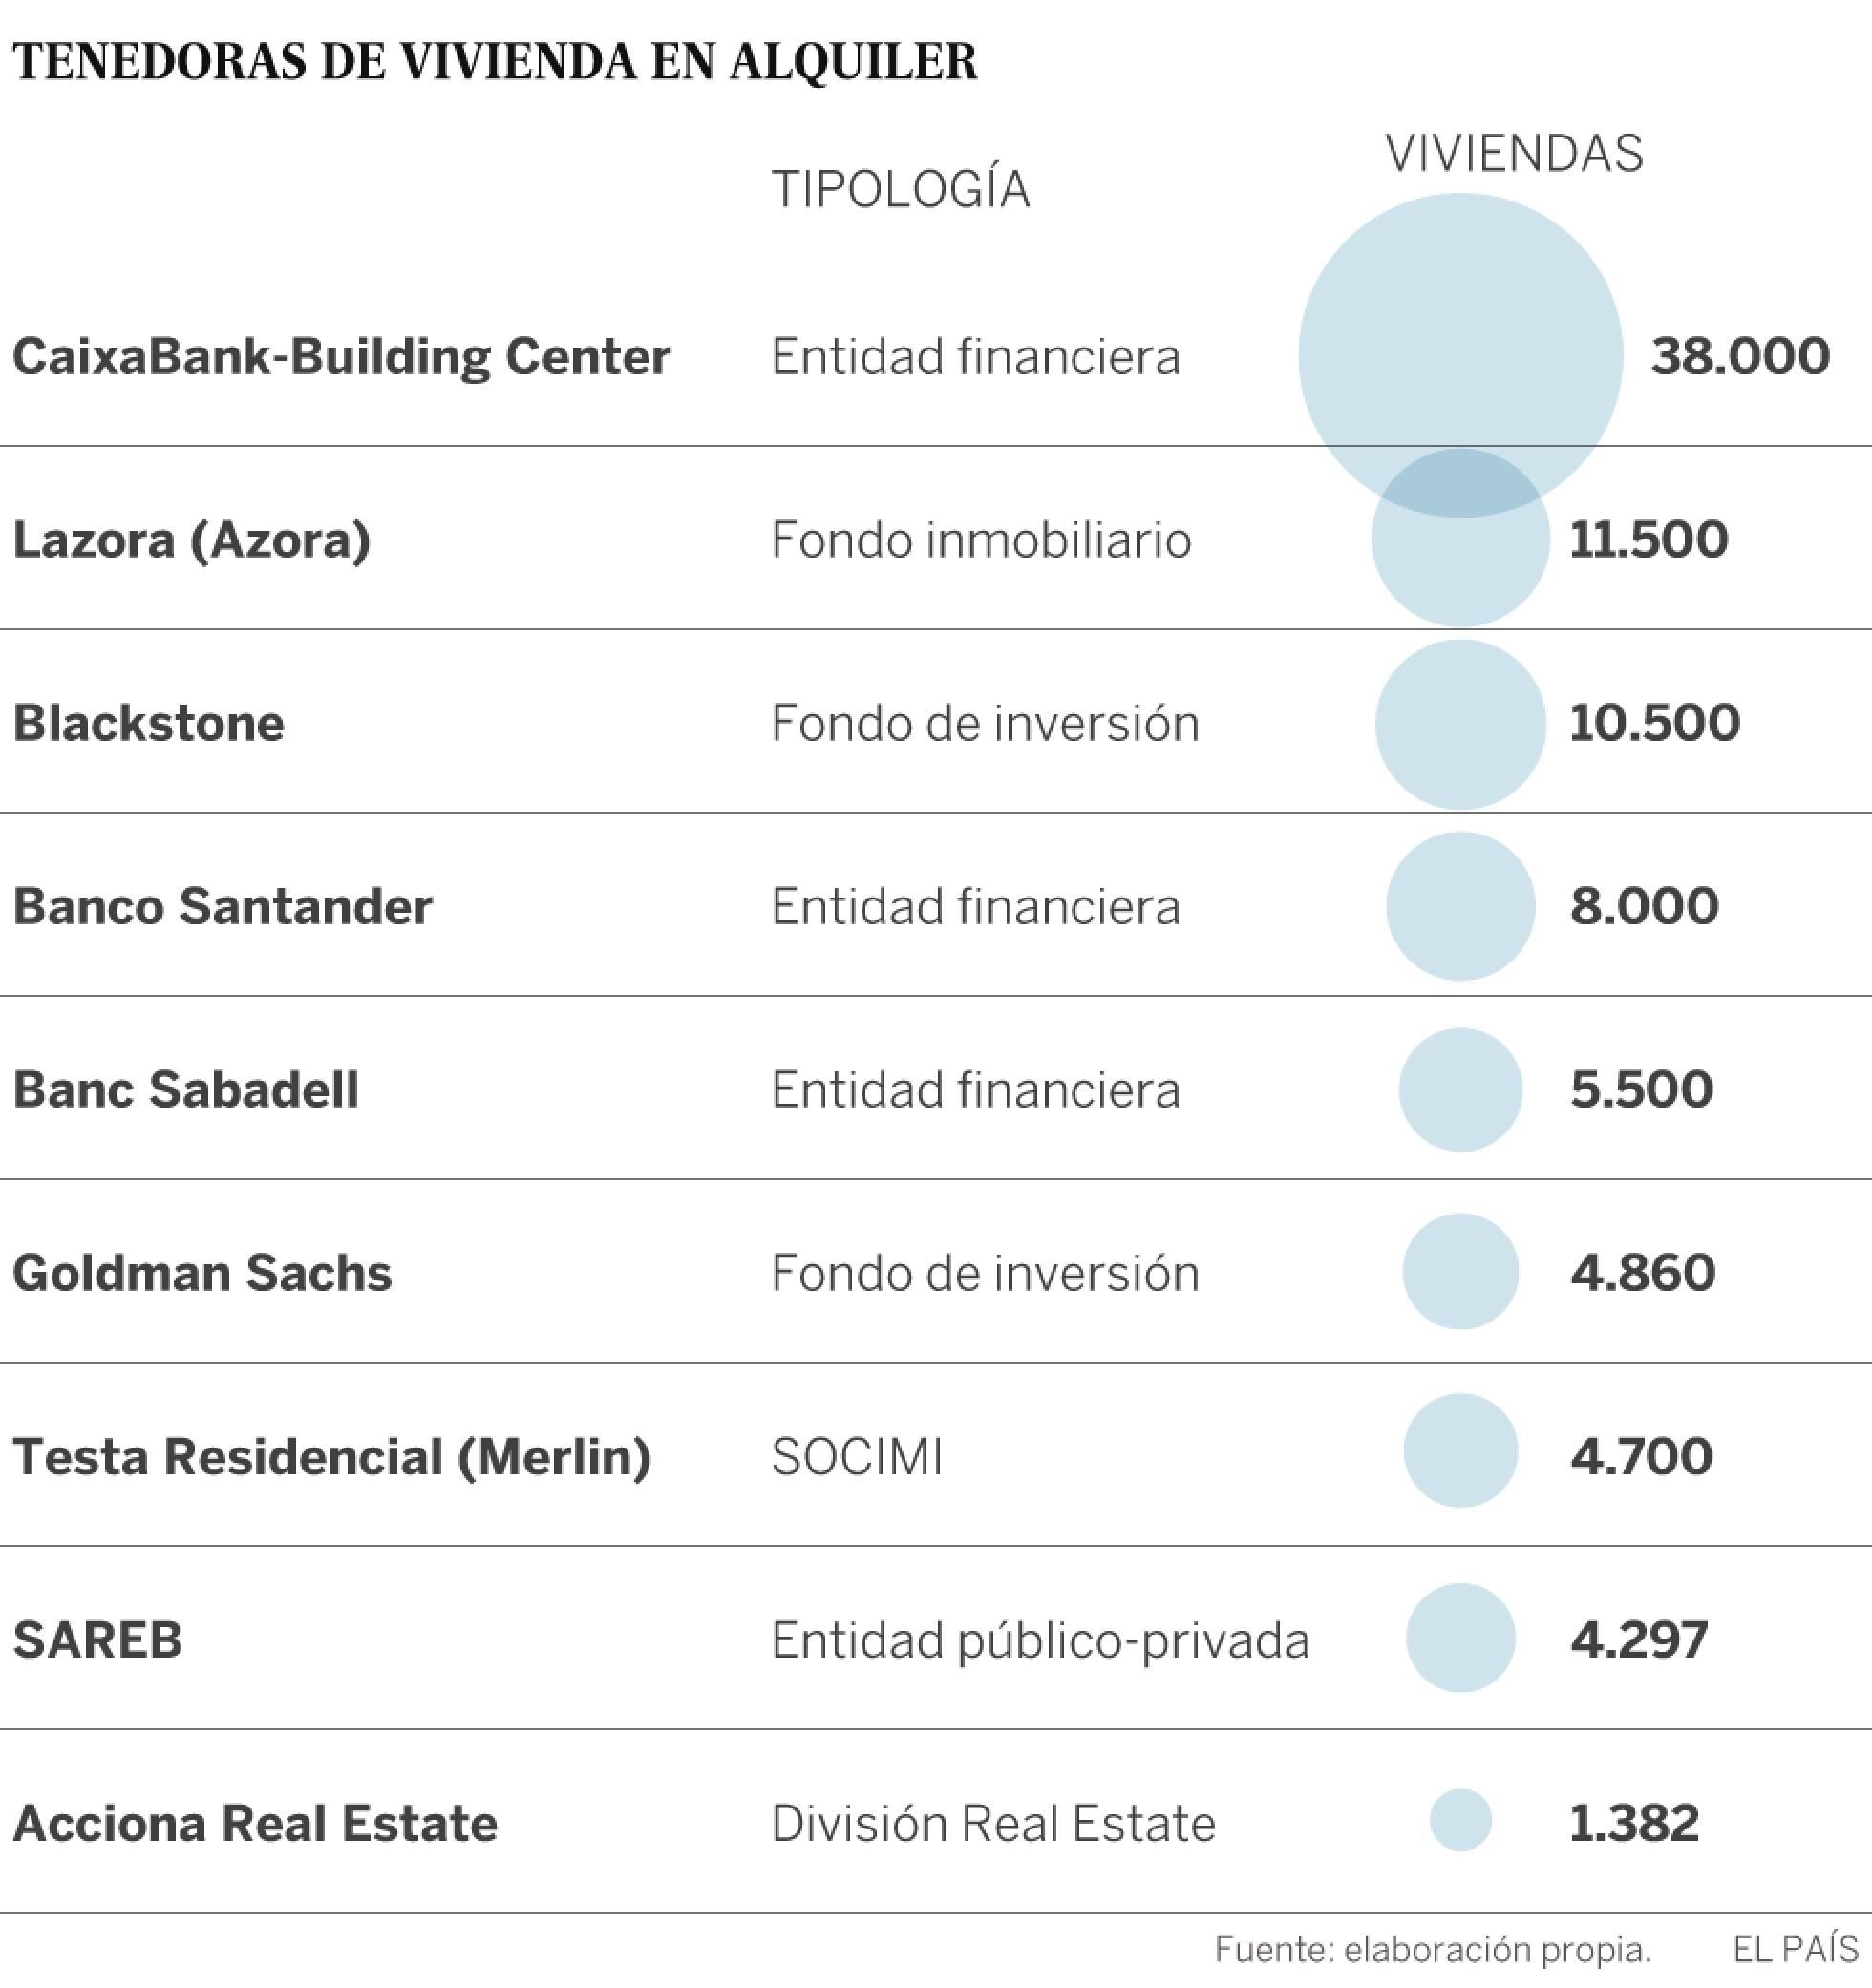 Realidades de la vivienda en el capitalismo español. Luchas contra los desahucios de viviendas. Inversiones y mercado inmobiliario - Página 19 1481822828_934197_1481834196_sumario_normal_recorte1